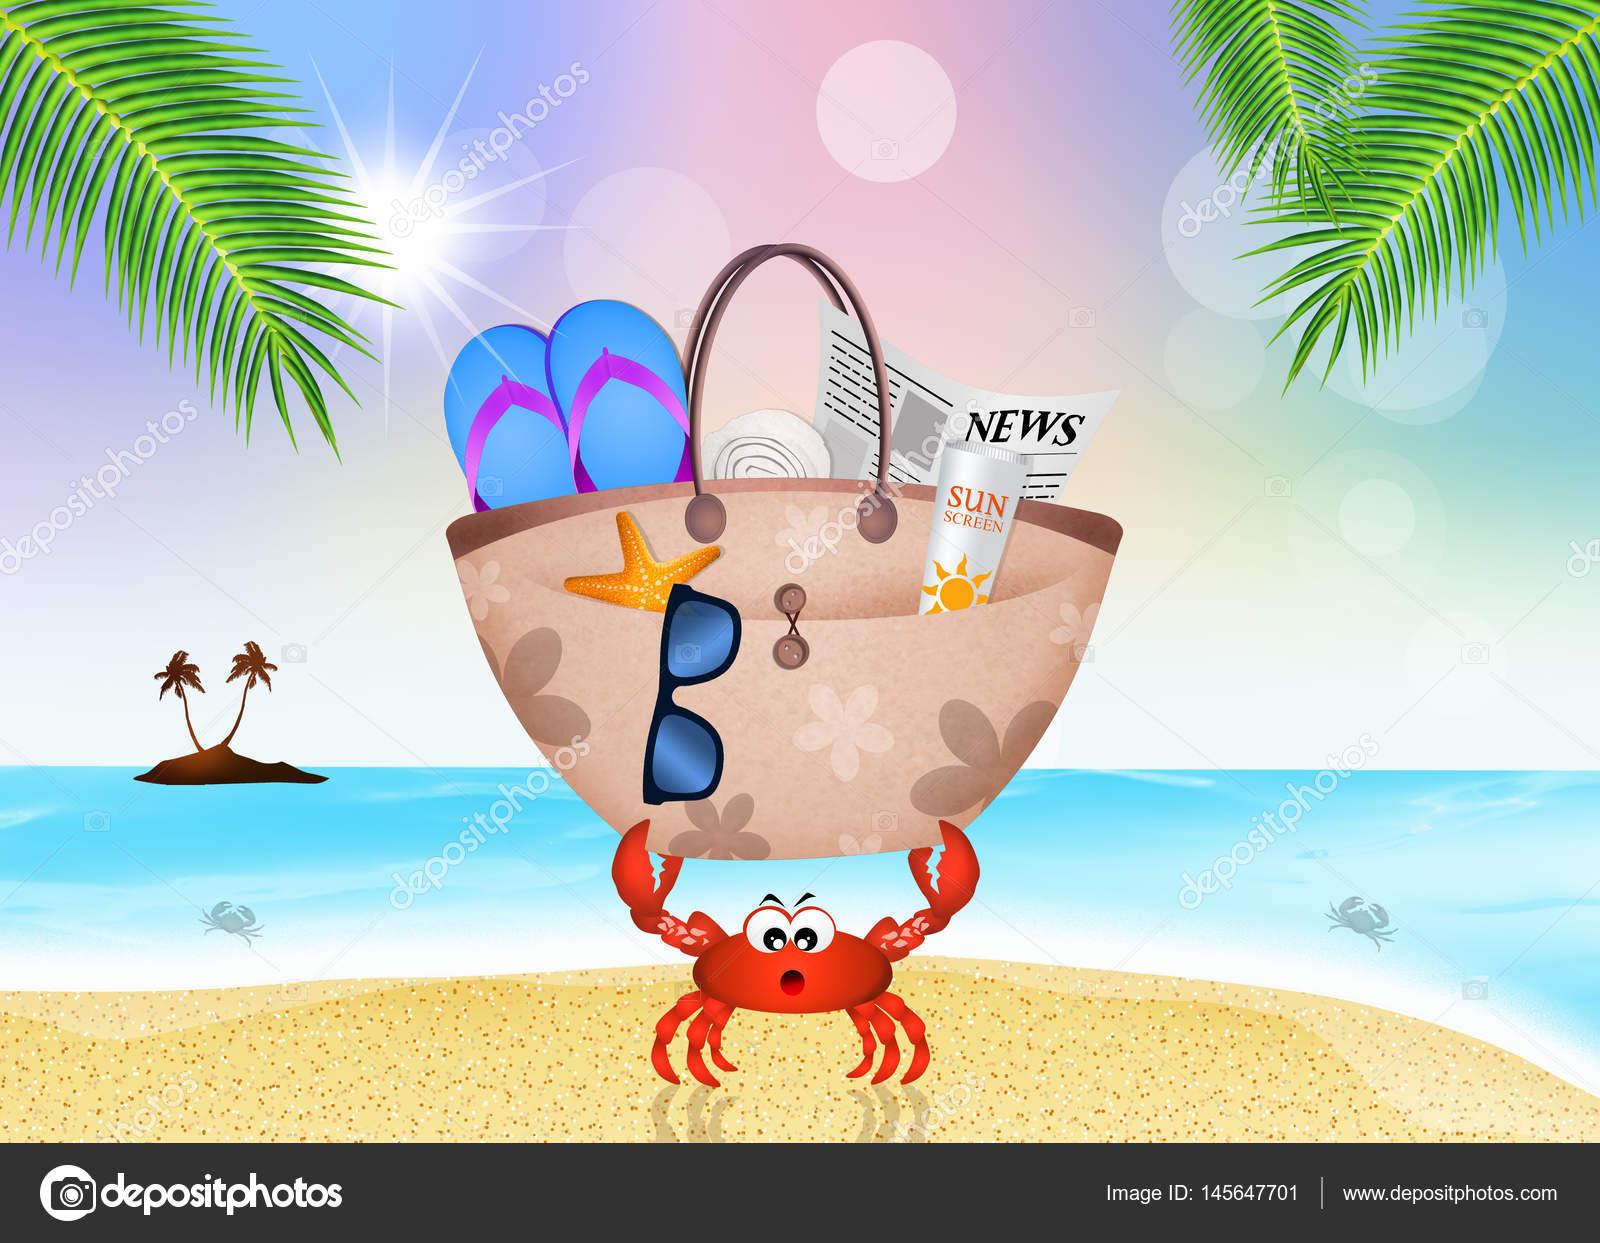 Caranguejo com bolsa de praia — Stock Photo © adrenalina  145647701 0ac93937bef